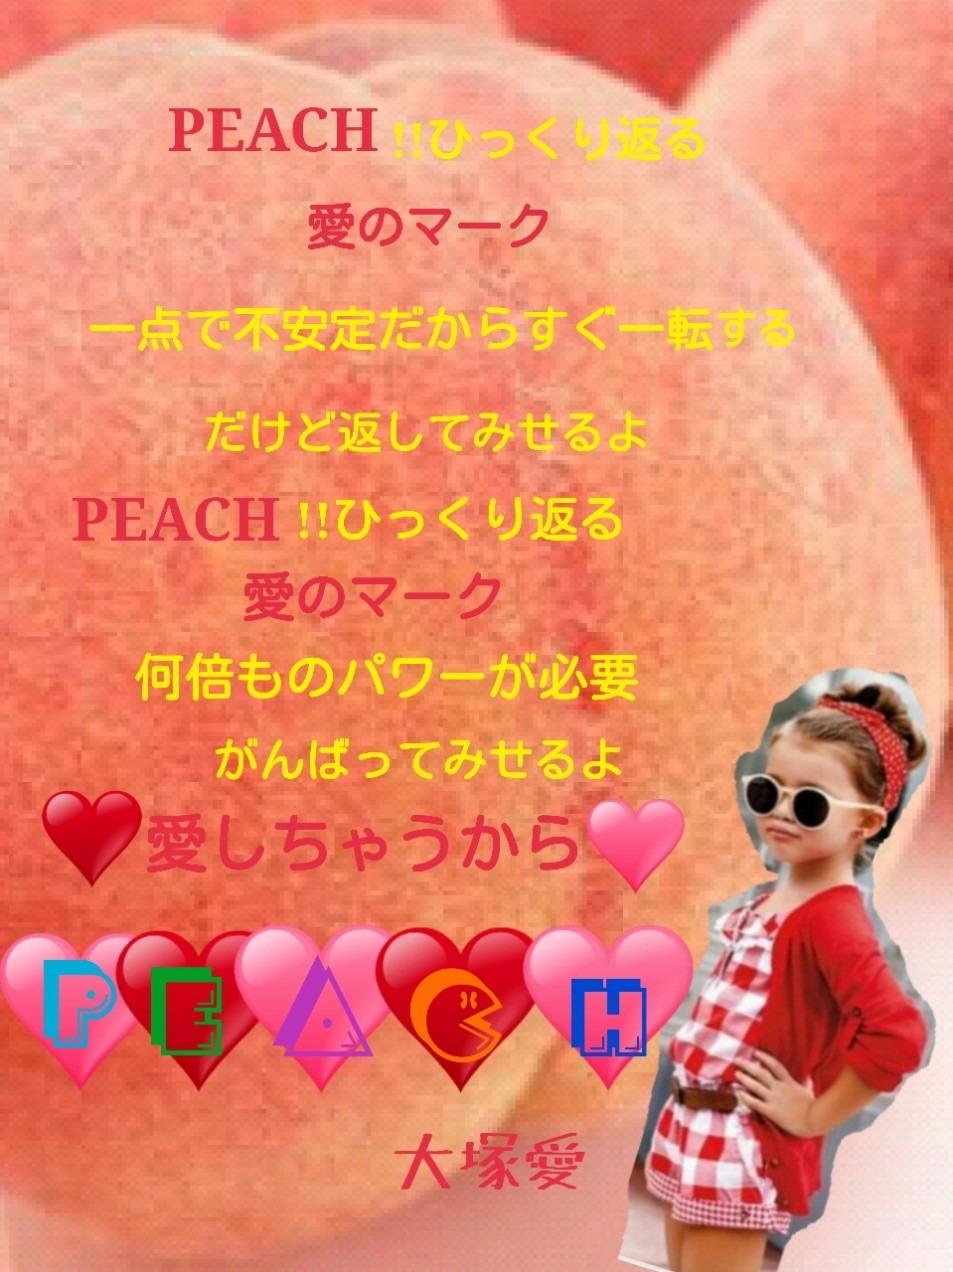 大塚愛 Peach 歌詞 32589910 完全無料画像検索のプリ画像 Bygmo